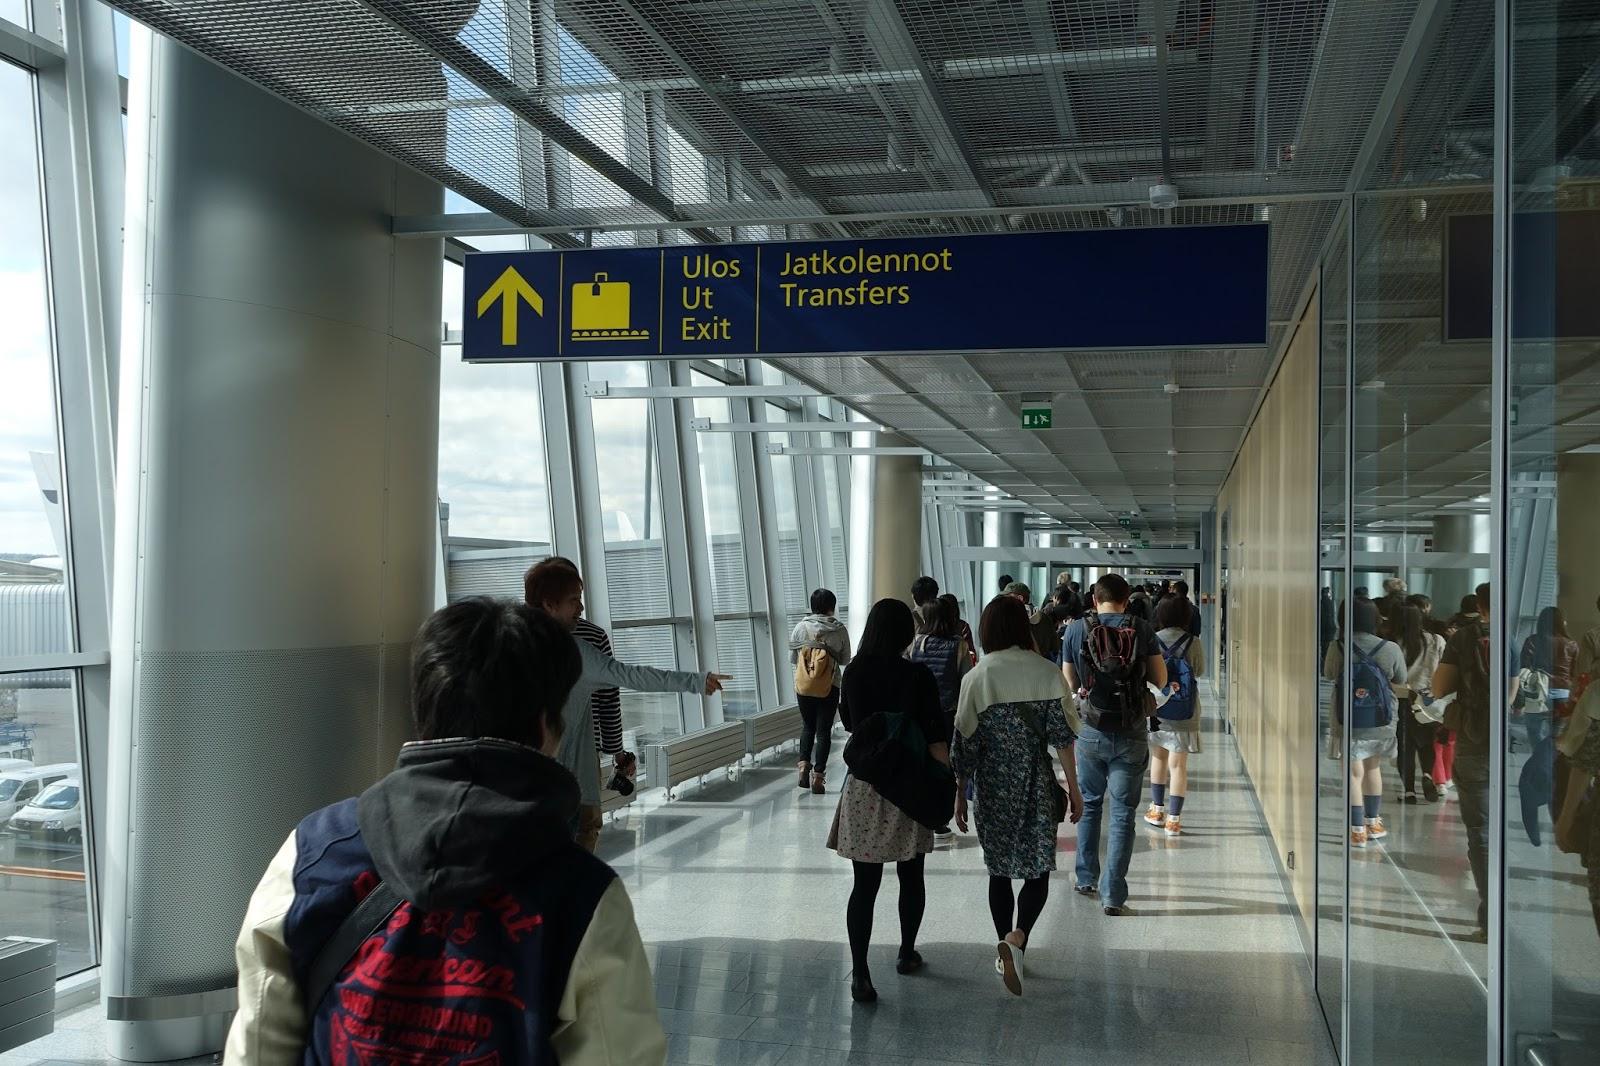 ヘルシンキ・ヴァンター国際空港(Helsinki-Vantaan lentoasema)ターミナル2